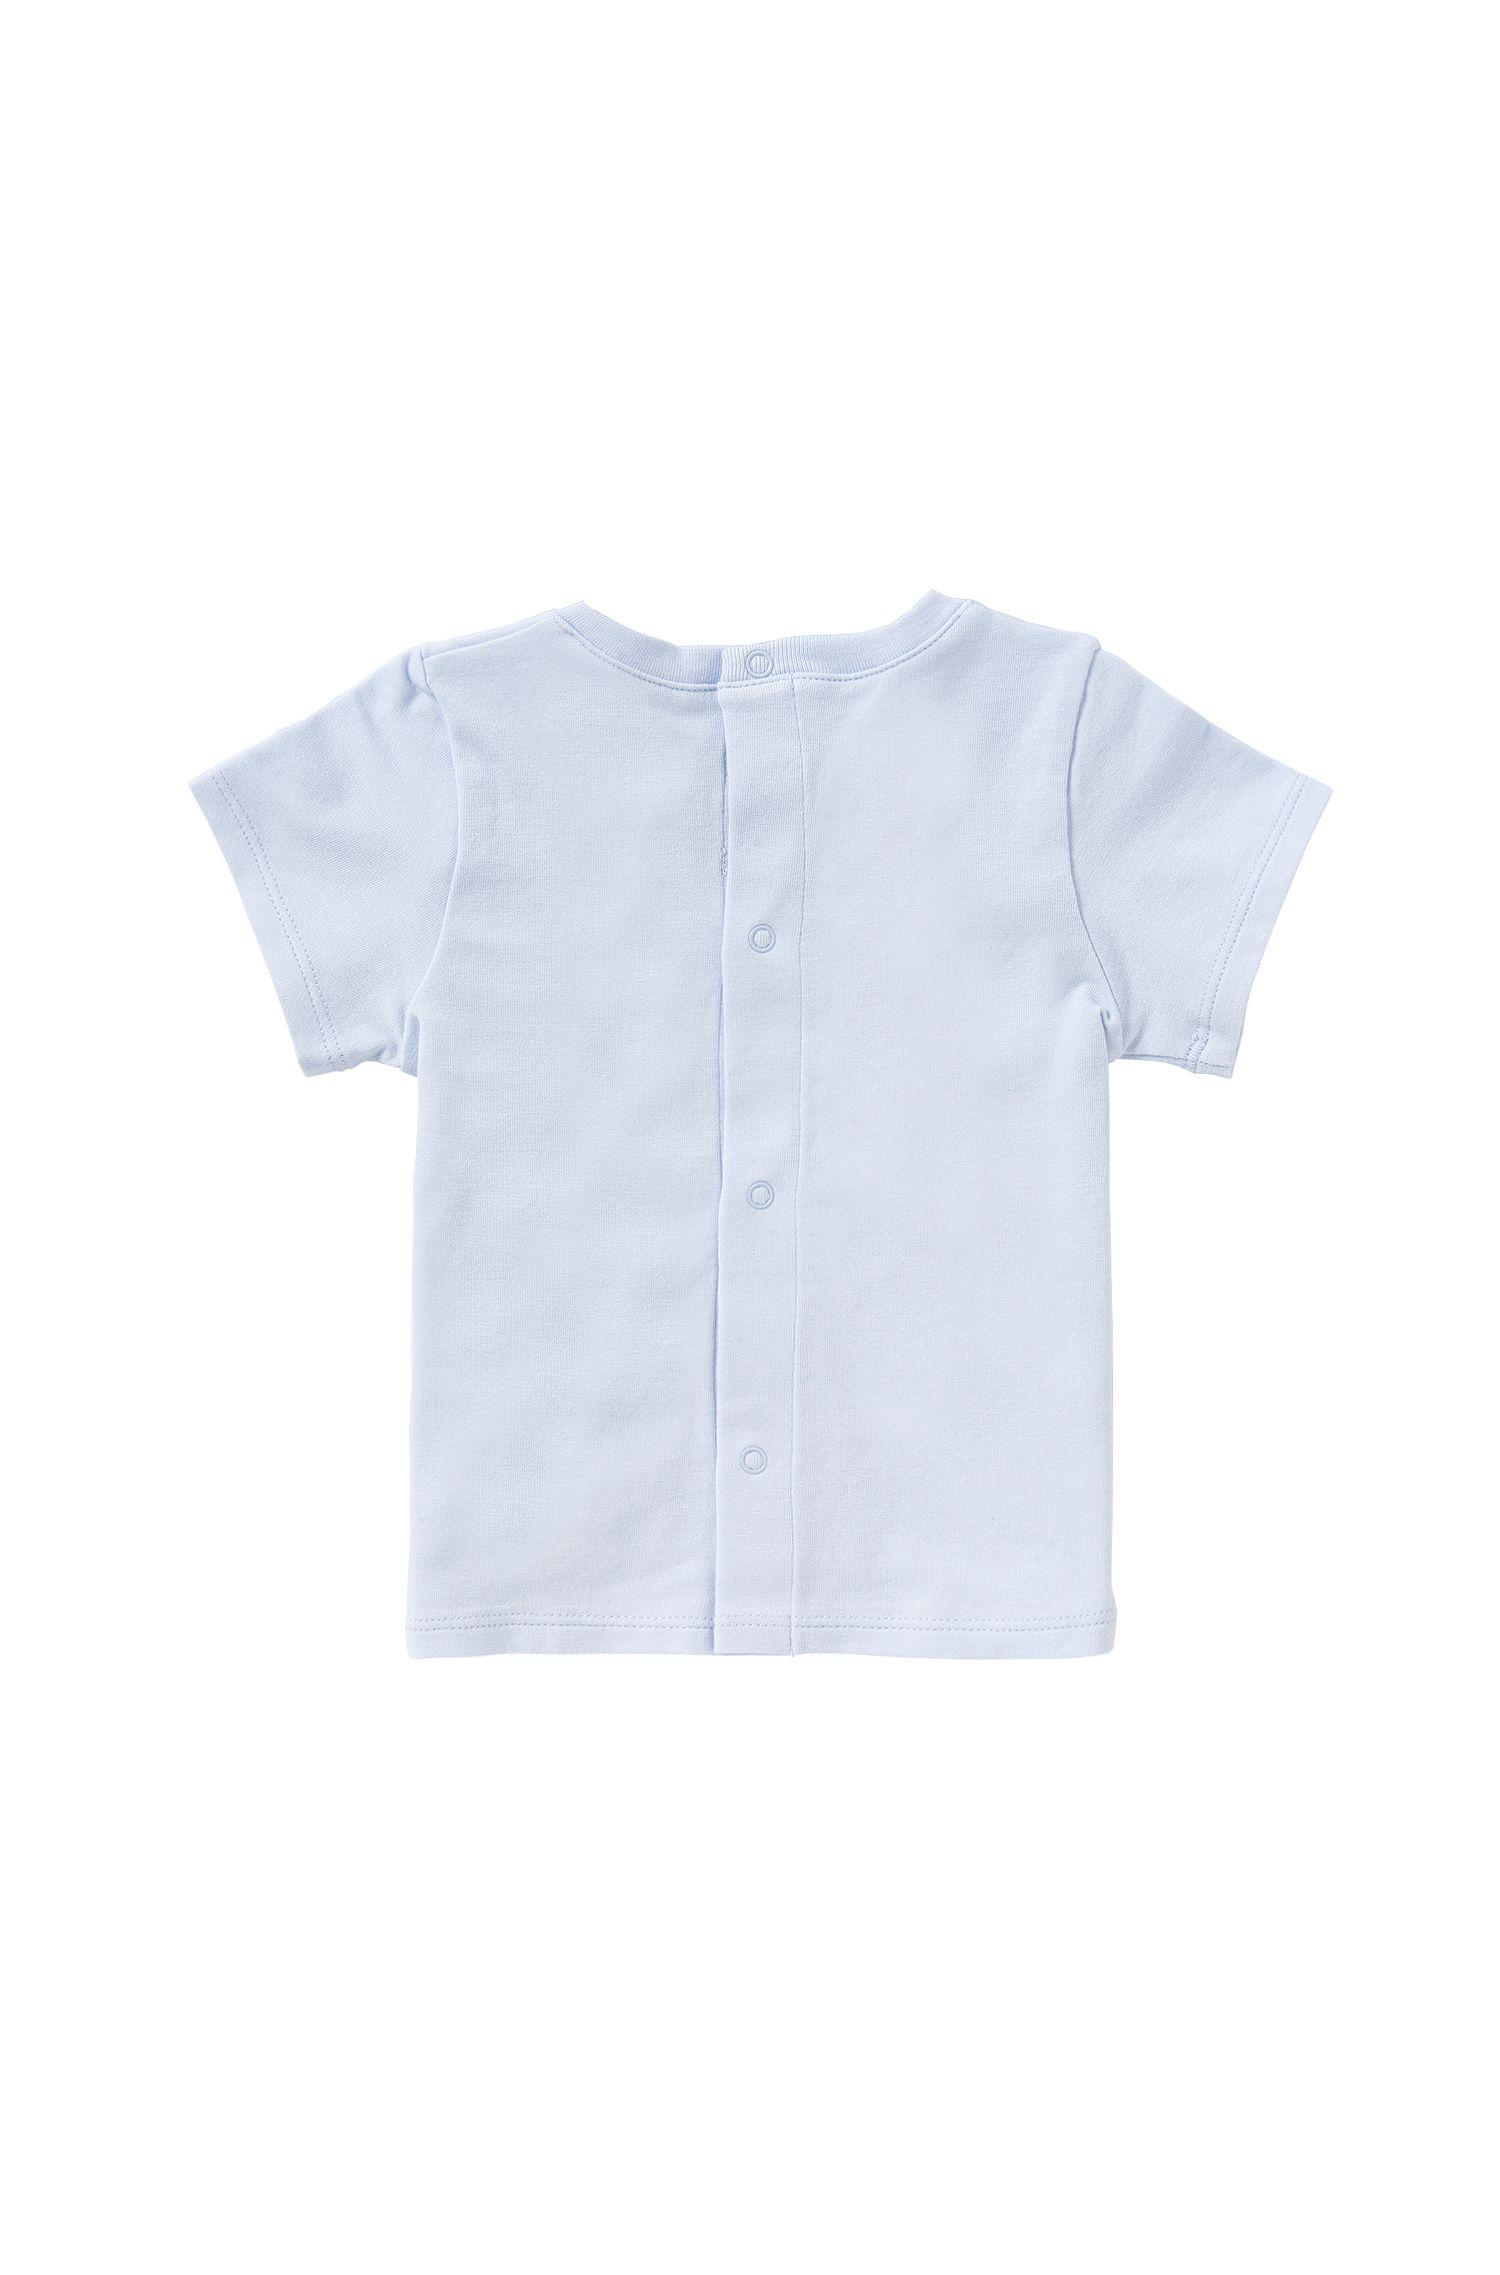 Baby-T-Shirt aus Baumwolle mit rückseitiger Druckknopfleiste: 'J95190'